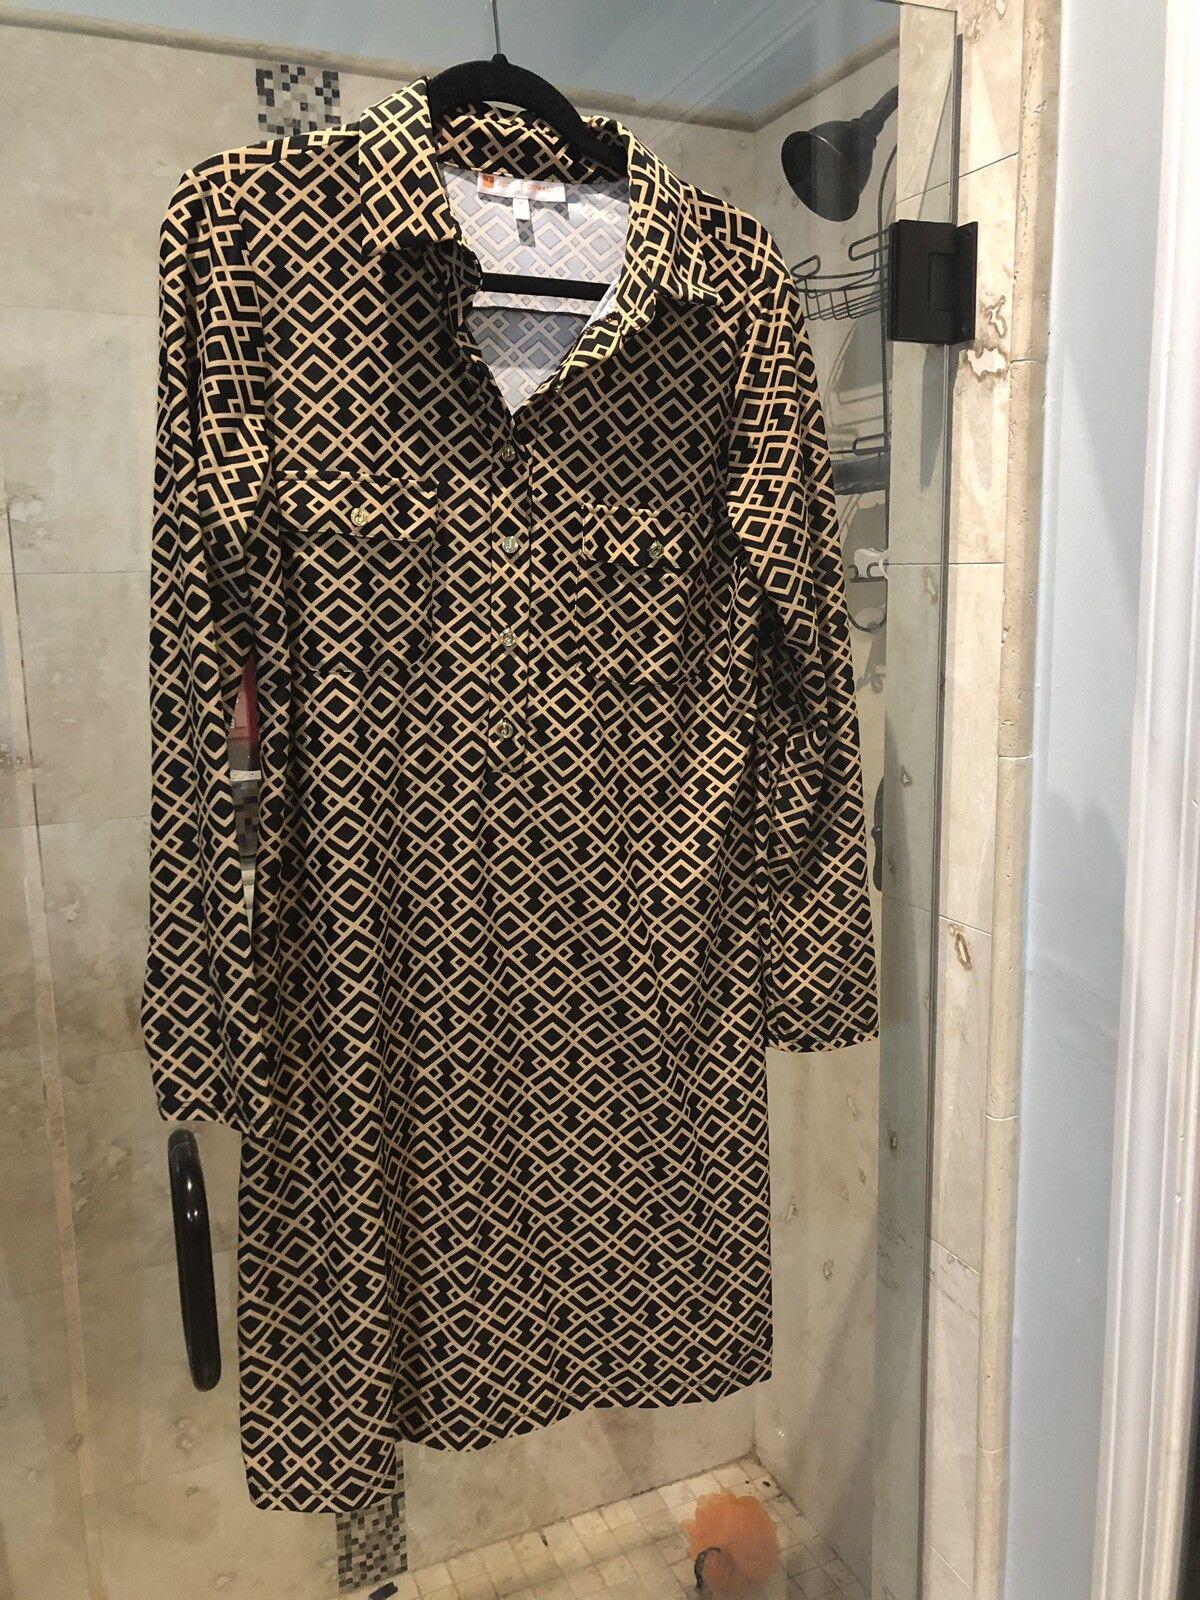 Neuer Jude Connally Dress schwarz schwarz schwarz Ran braun Gold Geometric Print Größe M Medium 2d2